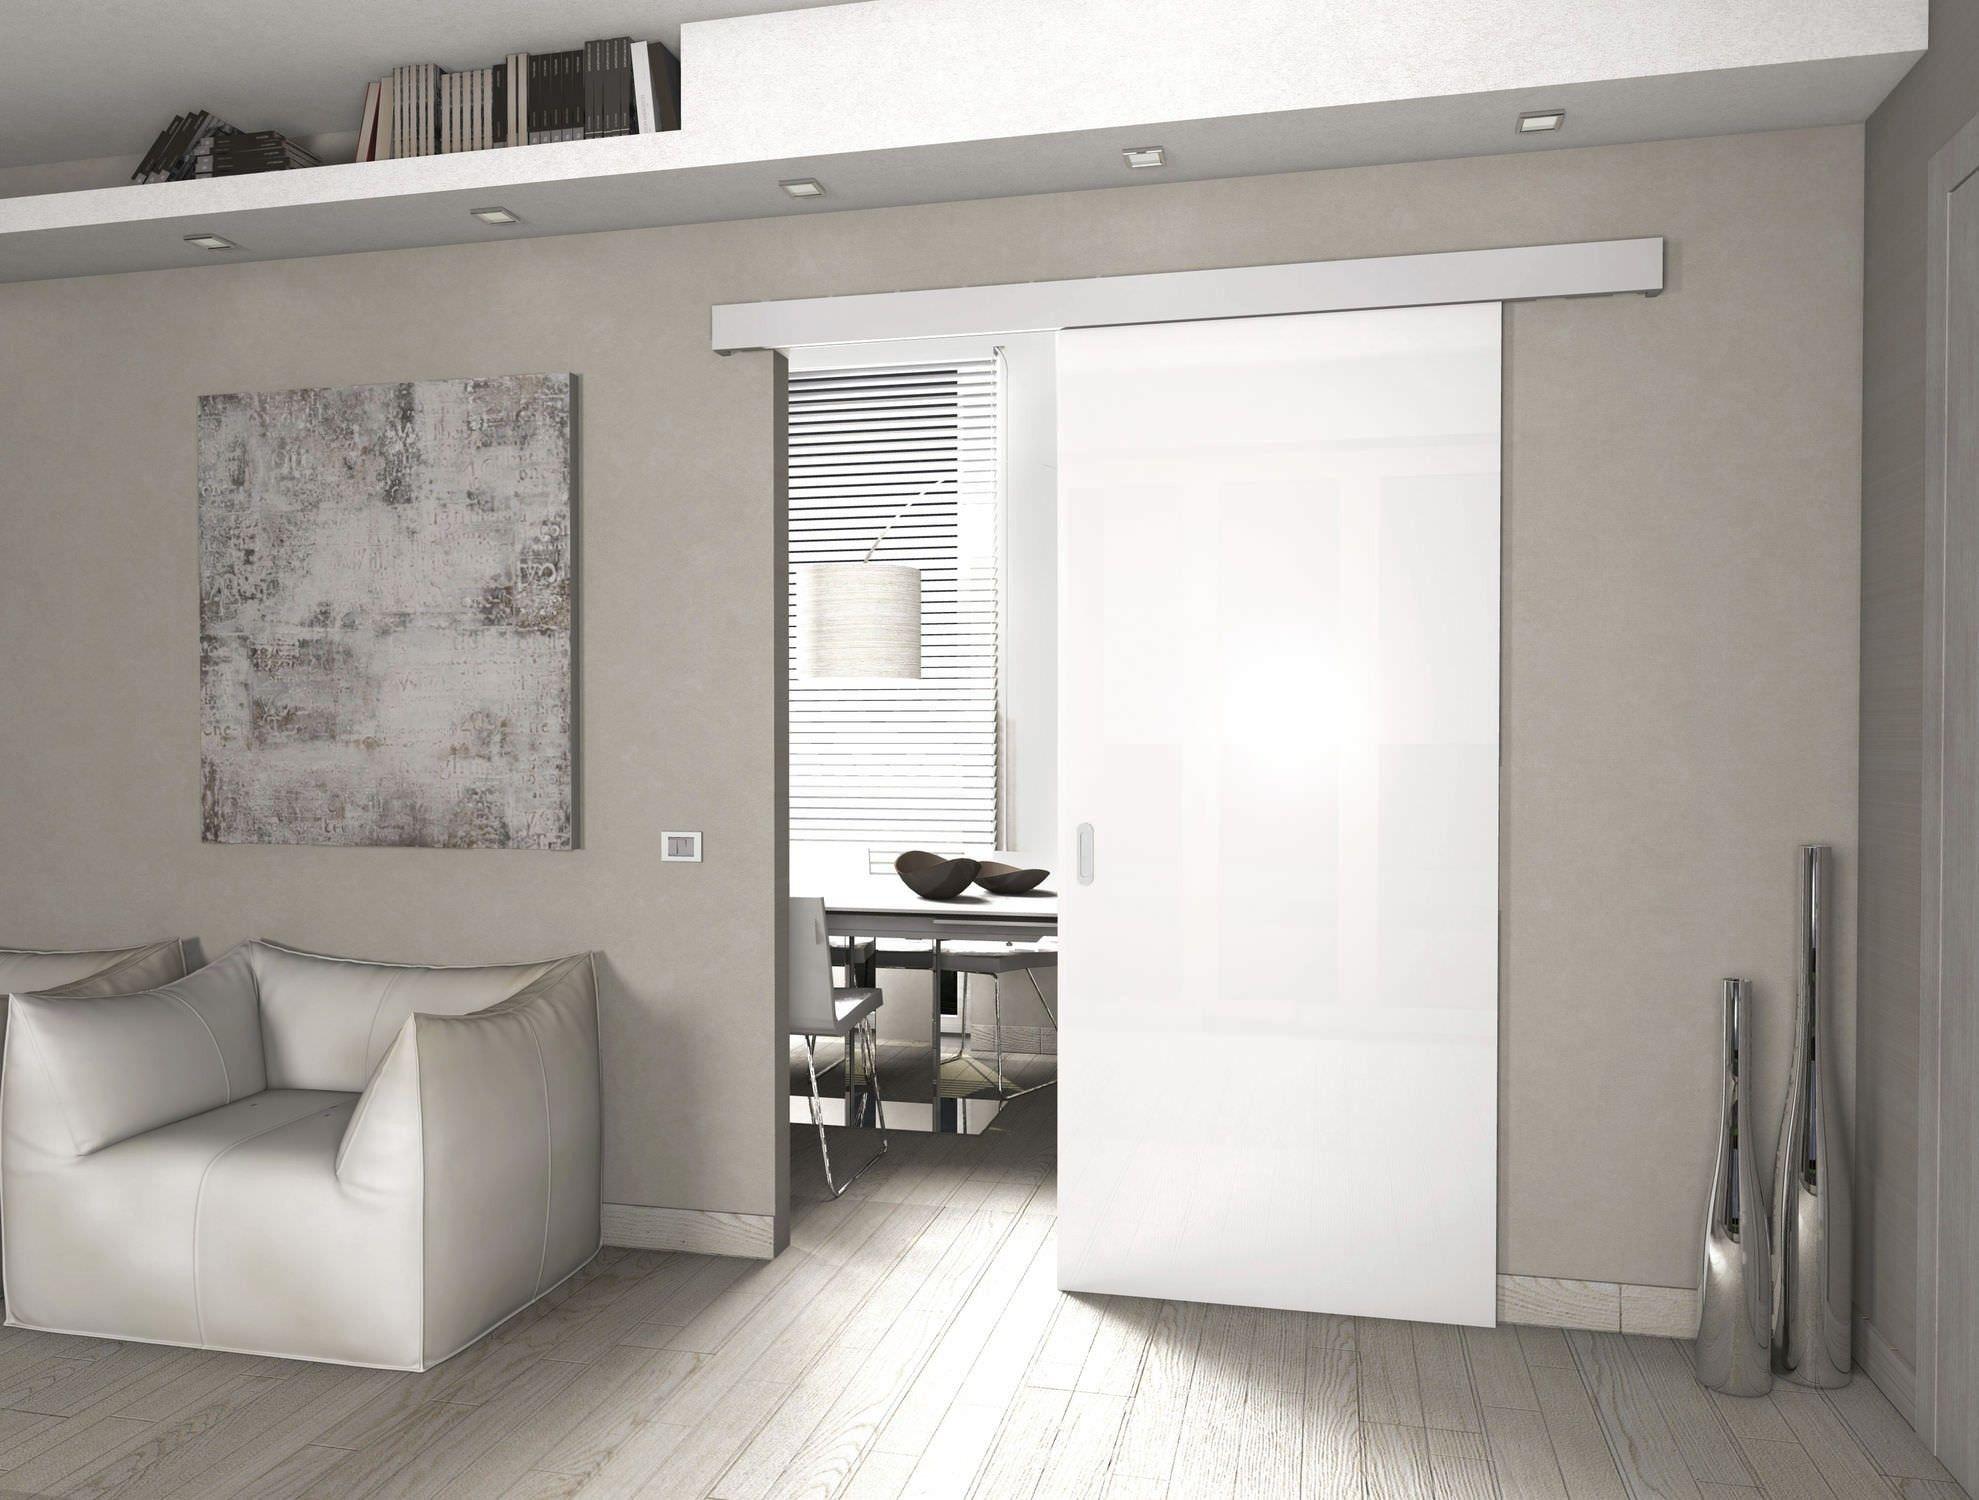 Porte Scorrevoli Esterno Muro Ikea New Controtelaio Per ...